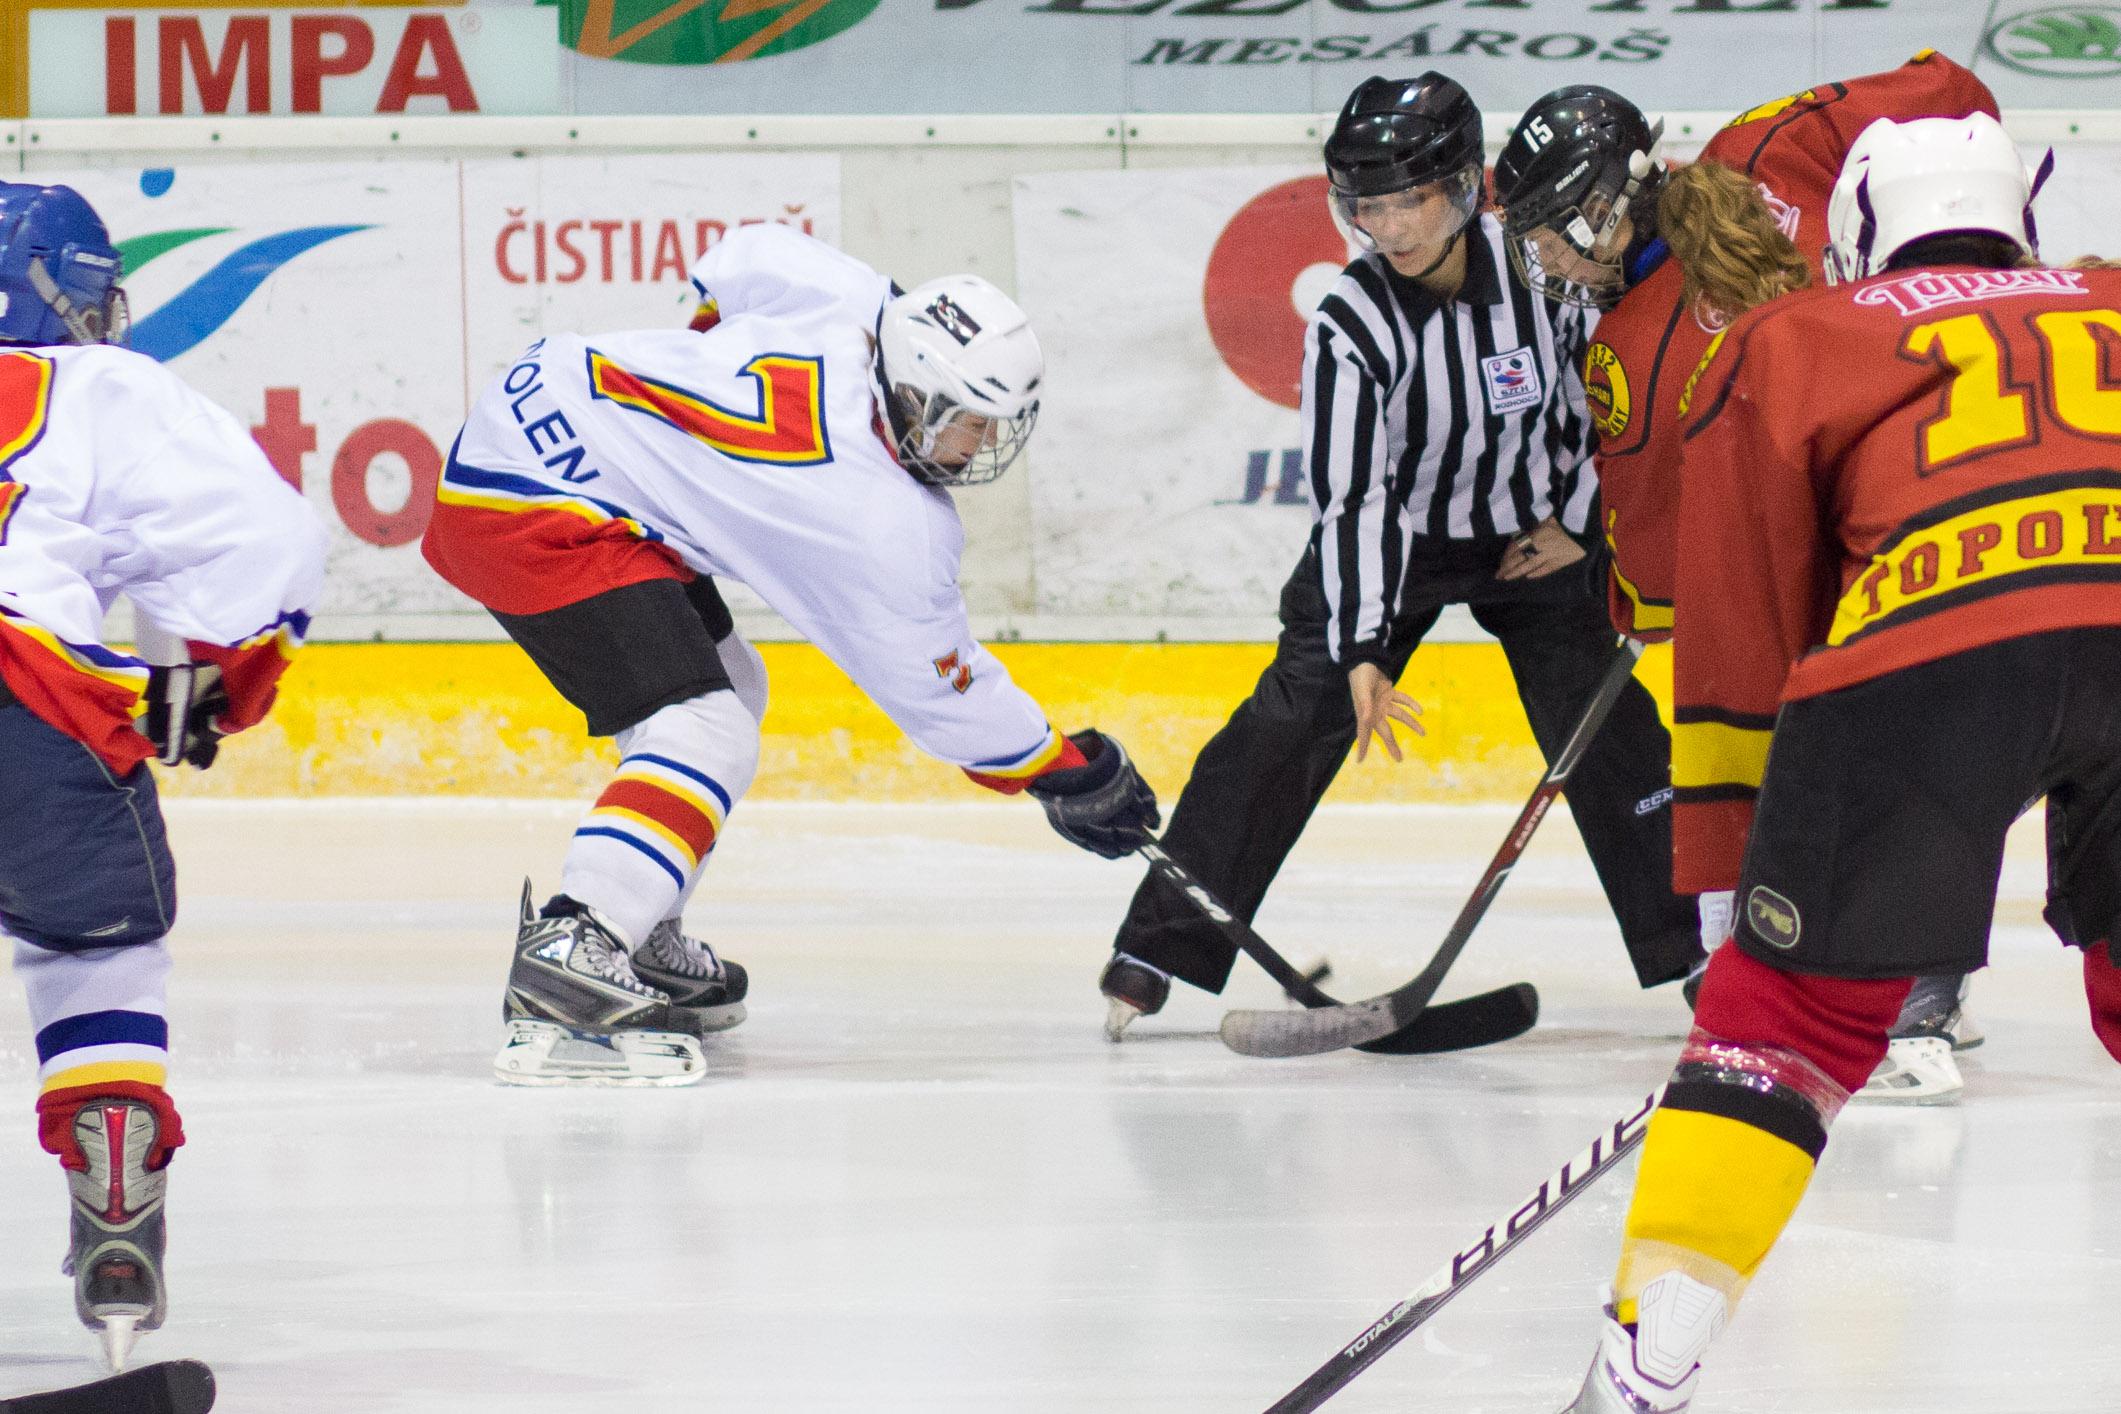 zhkm-zvolen-hc-topolcany-2013-hokej-24